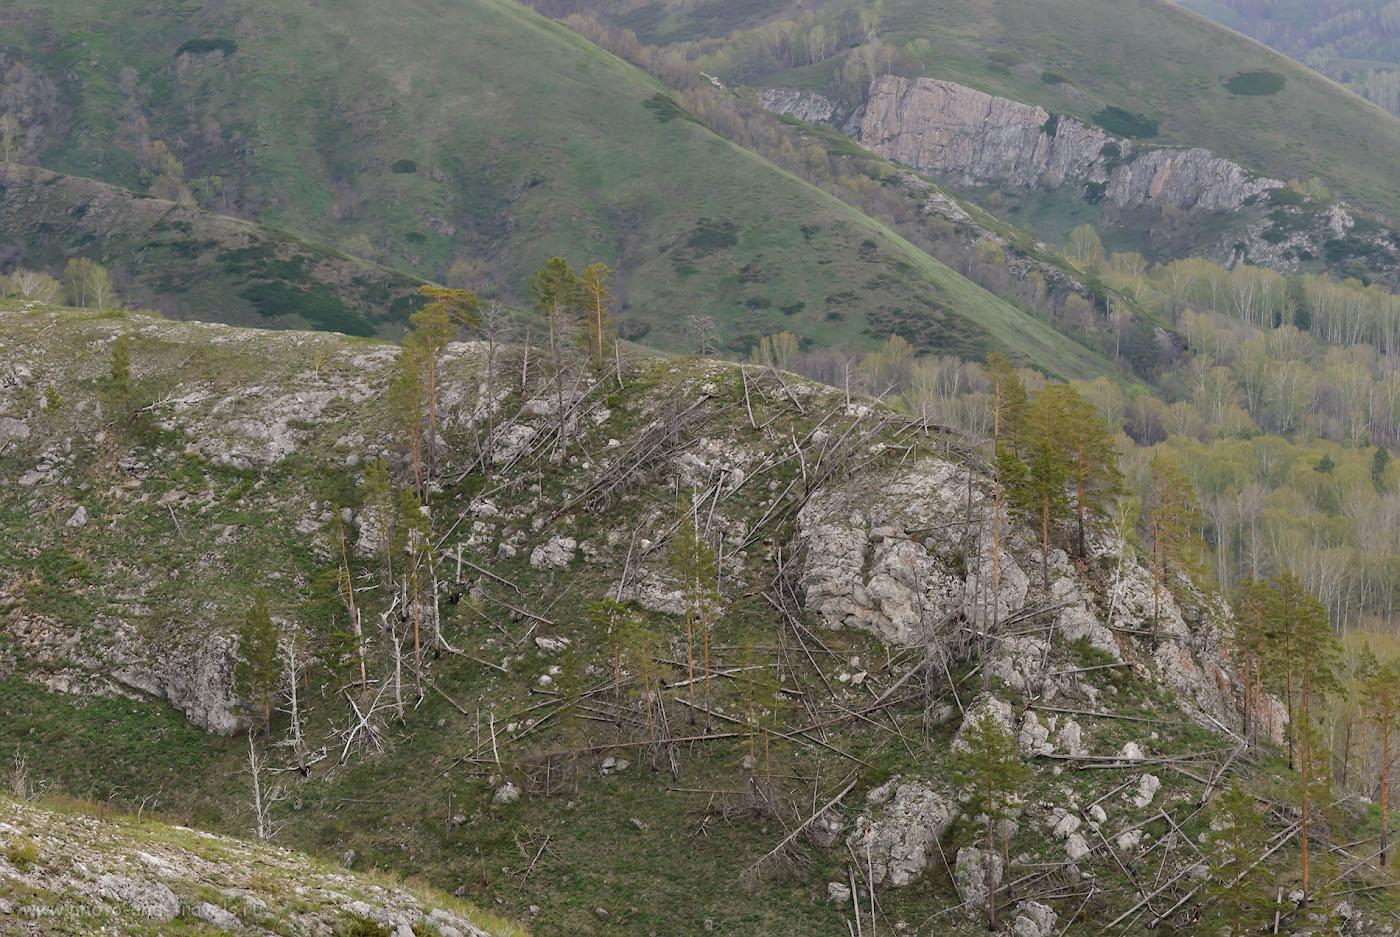 Фото 20. Поваленные деревья - как спички… Такие здесь ветра бывают! 1/80, 8.0, 320, 116.